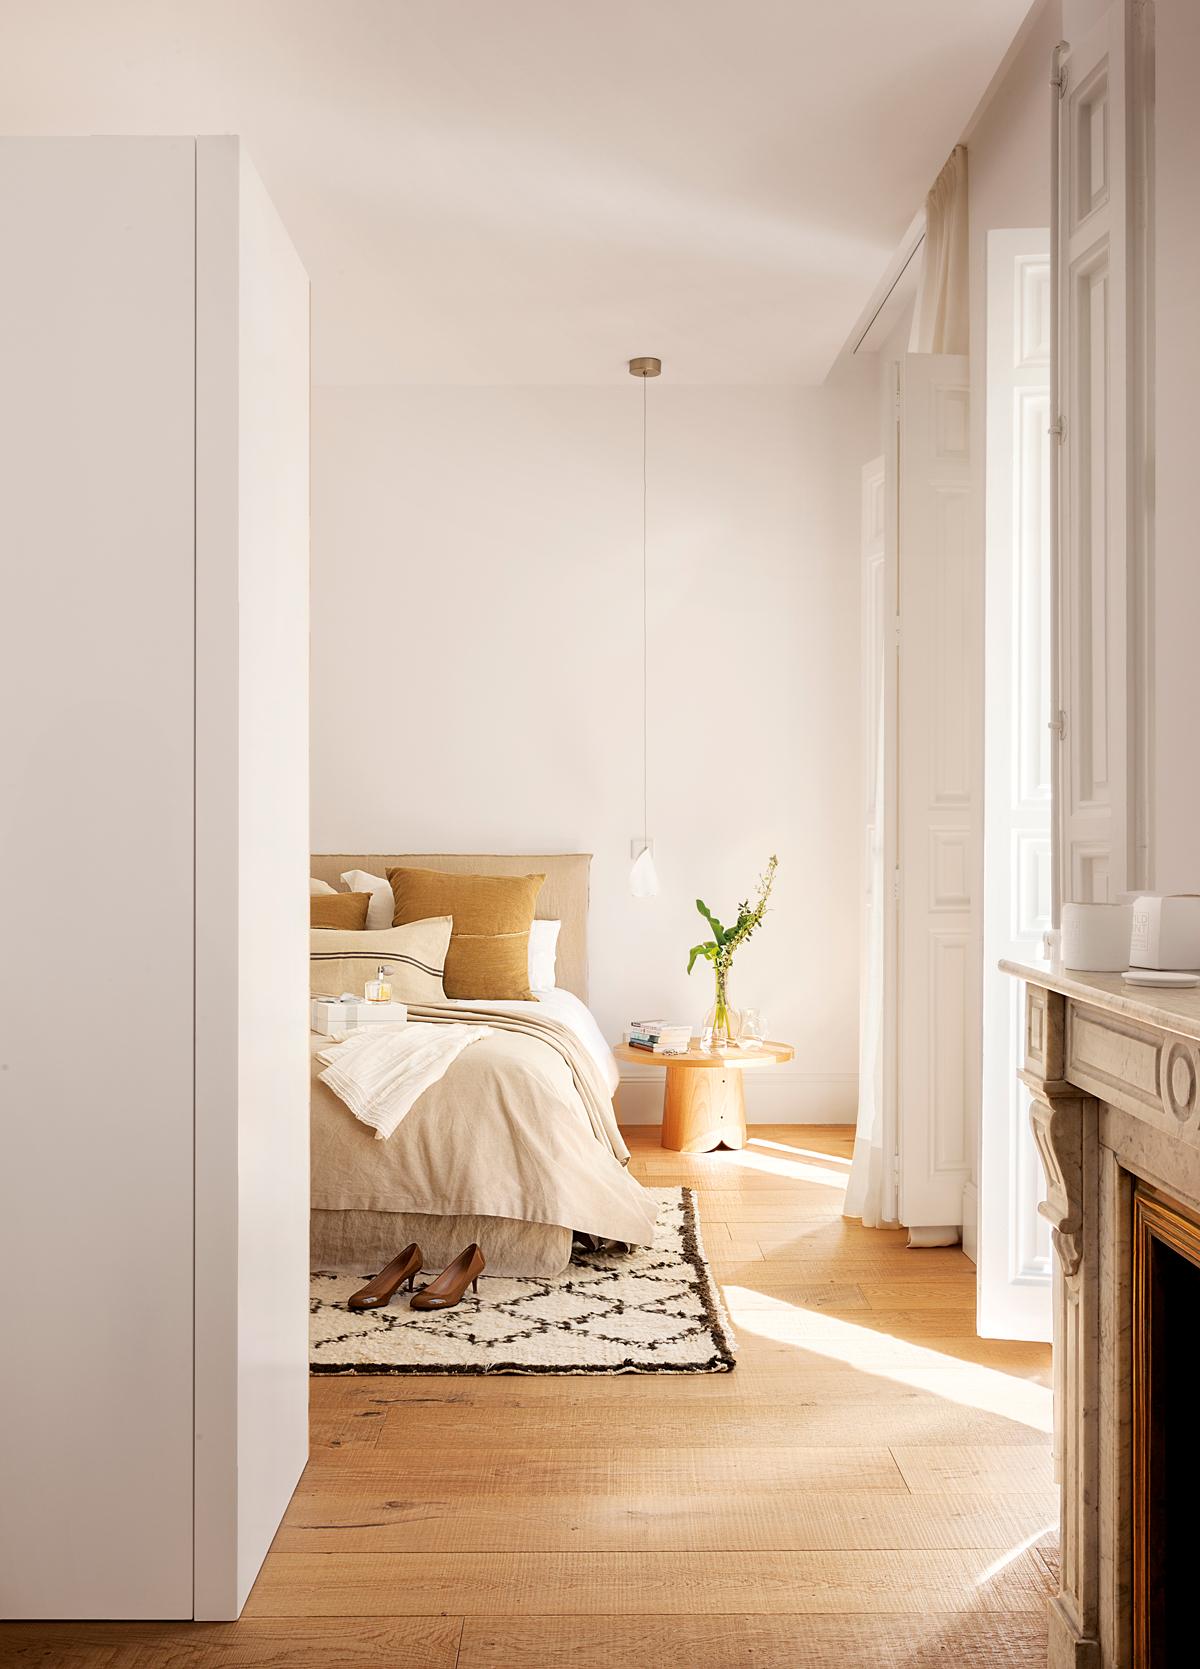 00386693. Dormitorio en piso antiguo, lámpara colgante, alfombra, chimenea y parquet 00386693